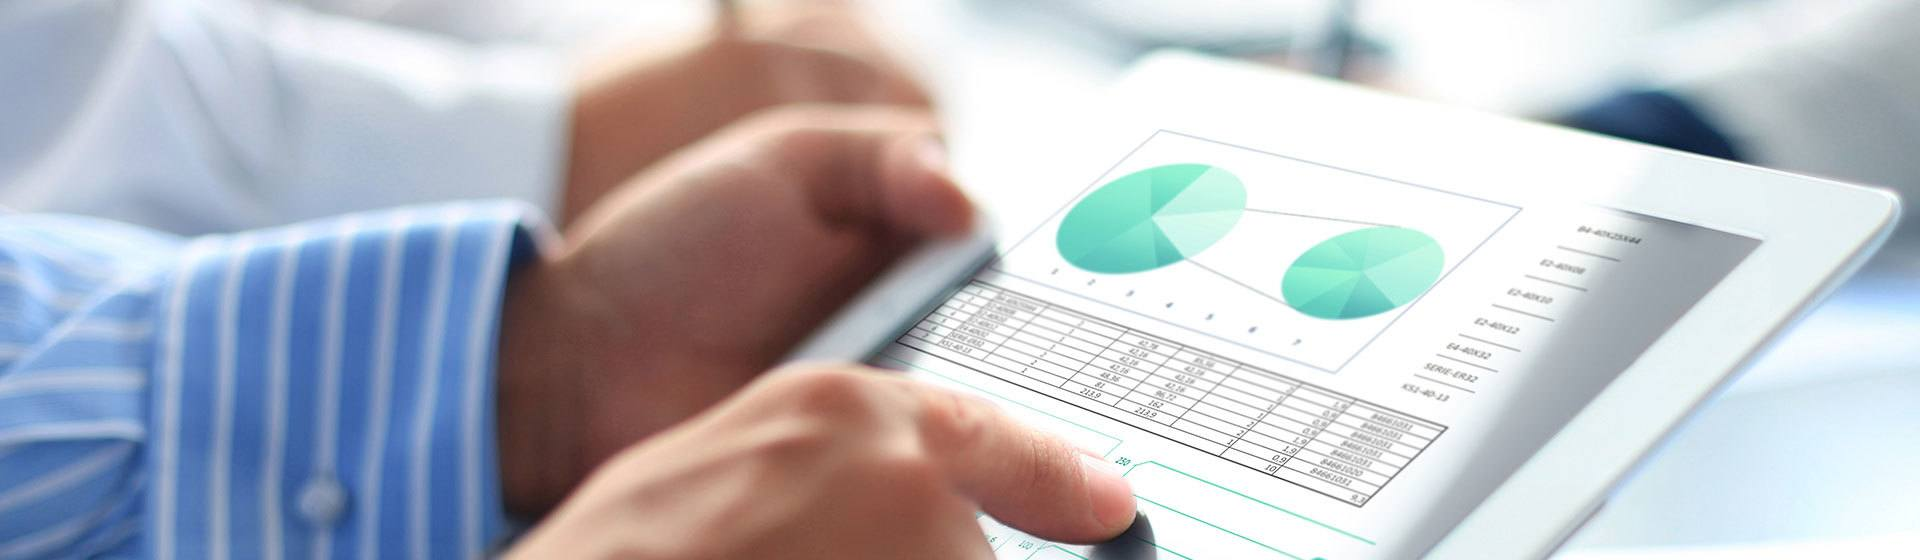 Measuring Metrics that Matter